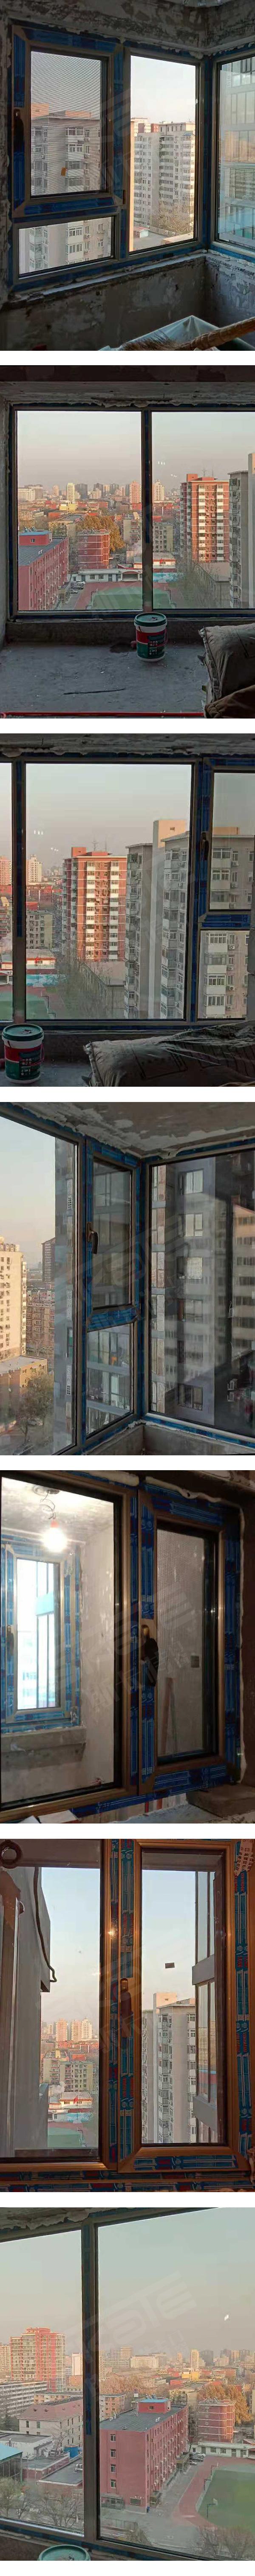 斯卡特门窗